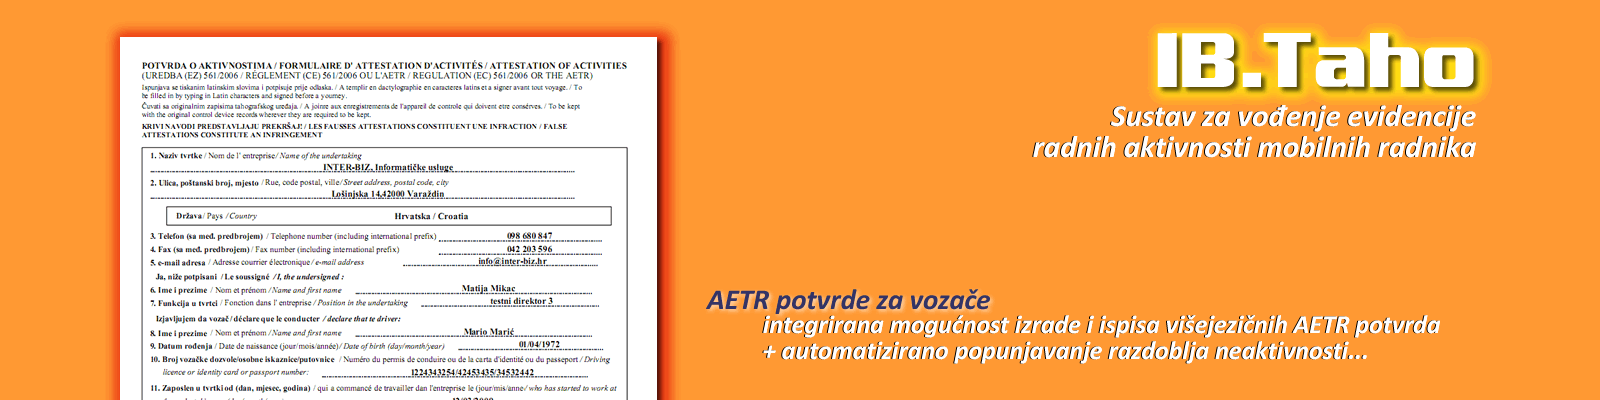 Potvrde o aktivnostima za vozače (AETR potvrda)